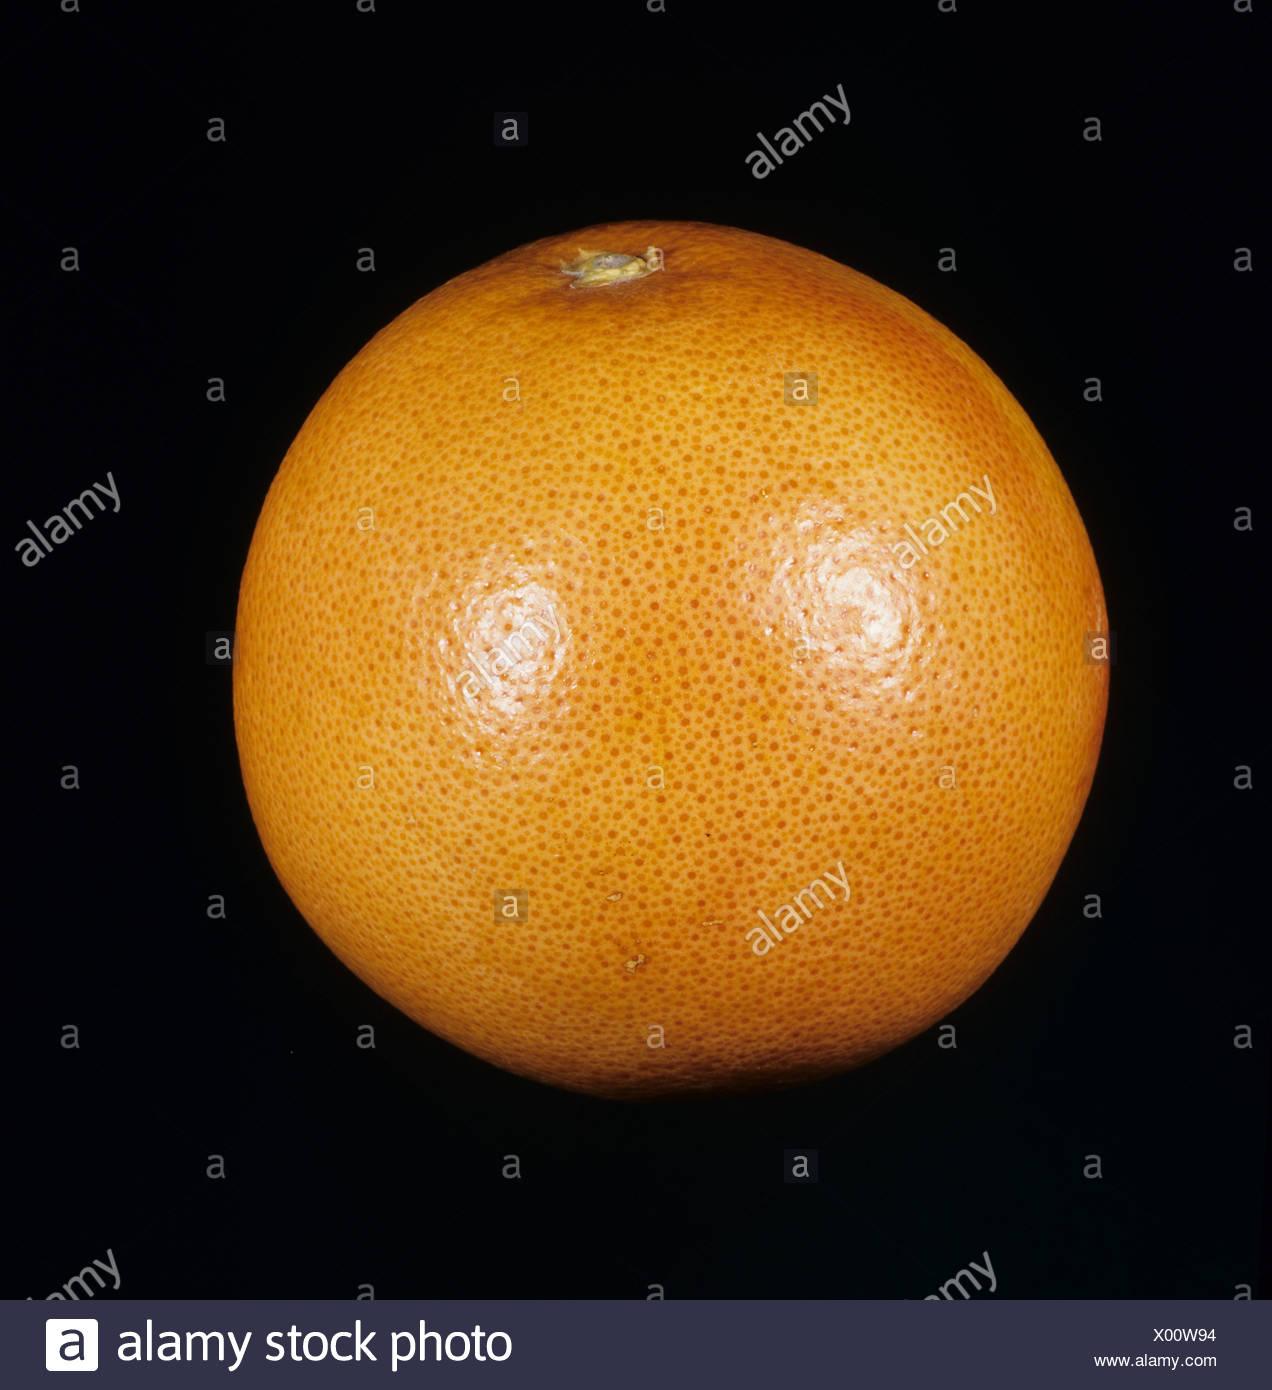 Whole grapefruit fruit variety Marsh Ruby - Stock Image